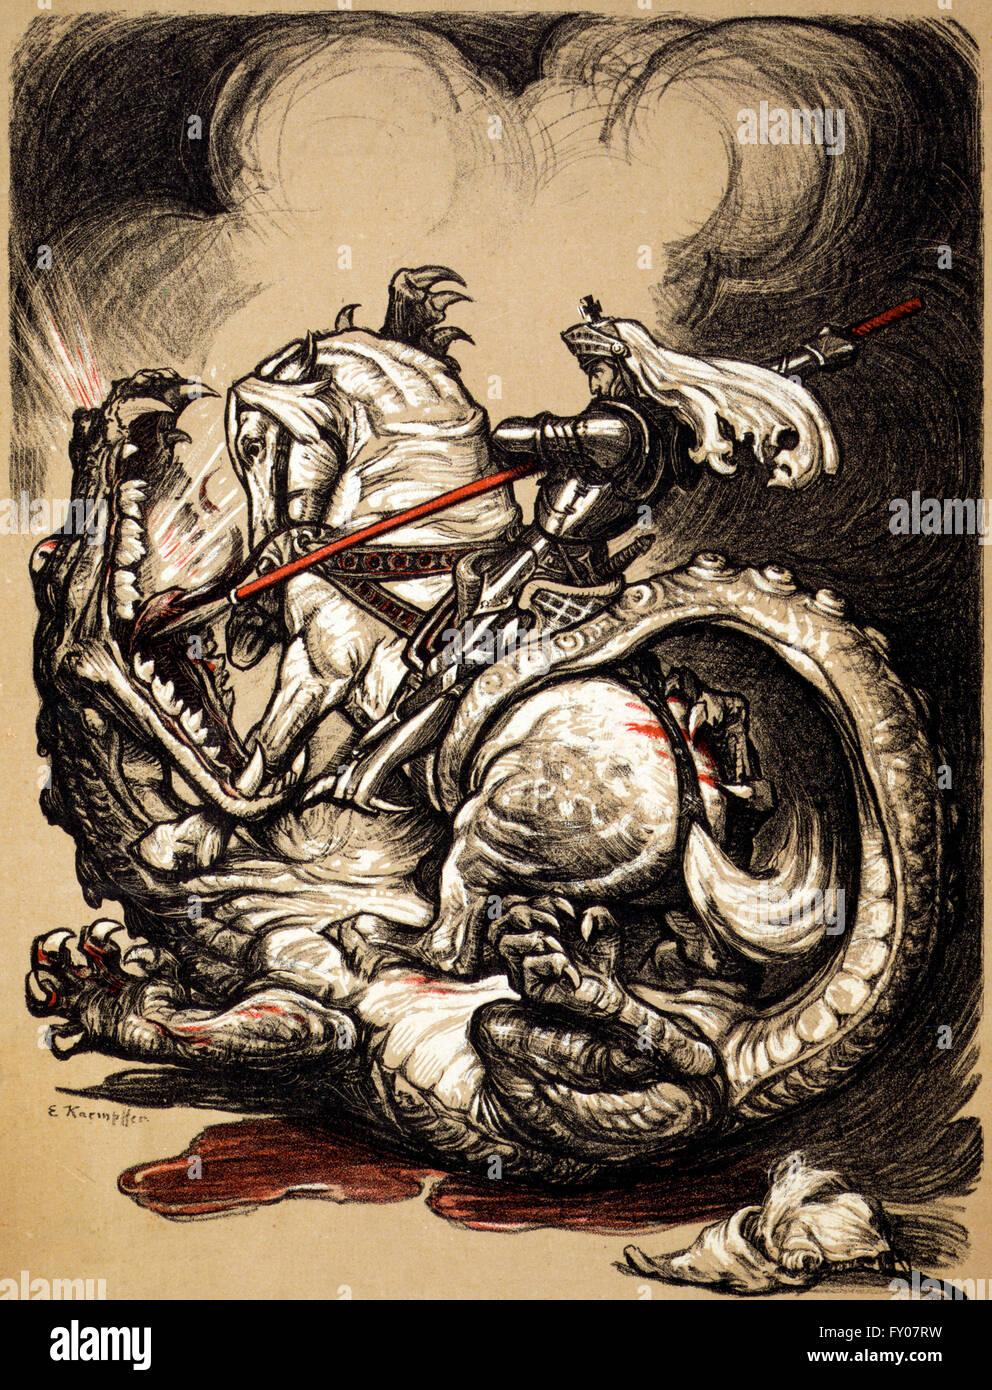 An illustration of St George on horseback, slaying the dragon. Artist, Edward Kaempster,  1914 - Stock Image